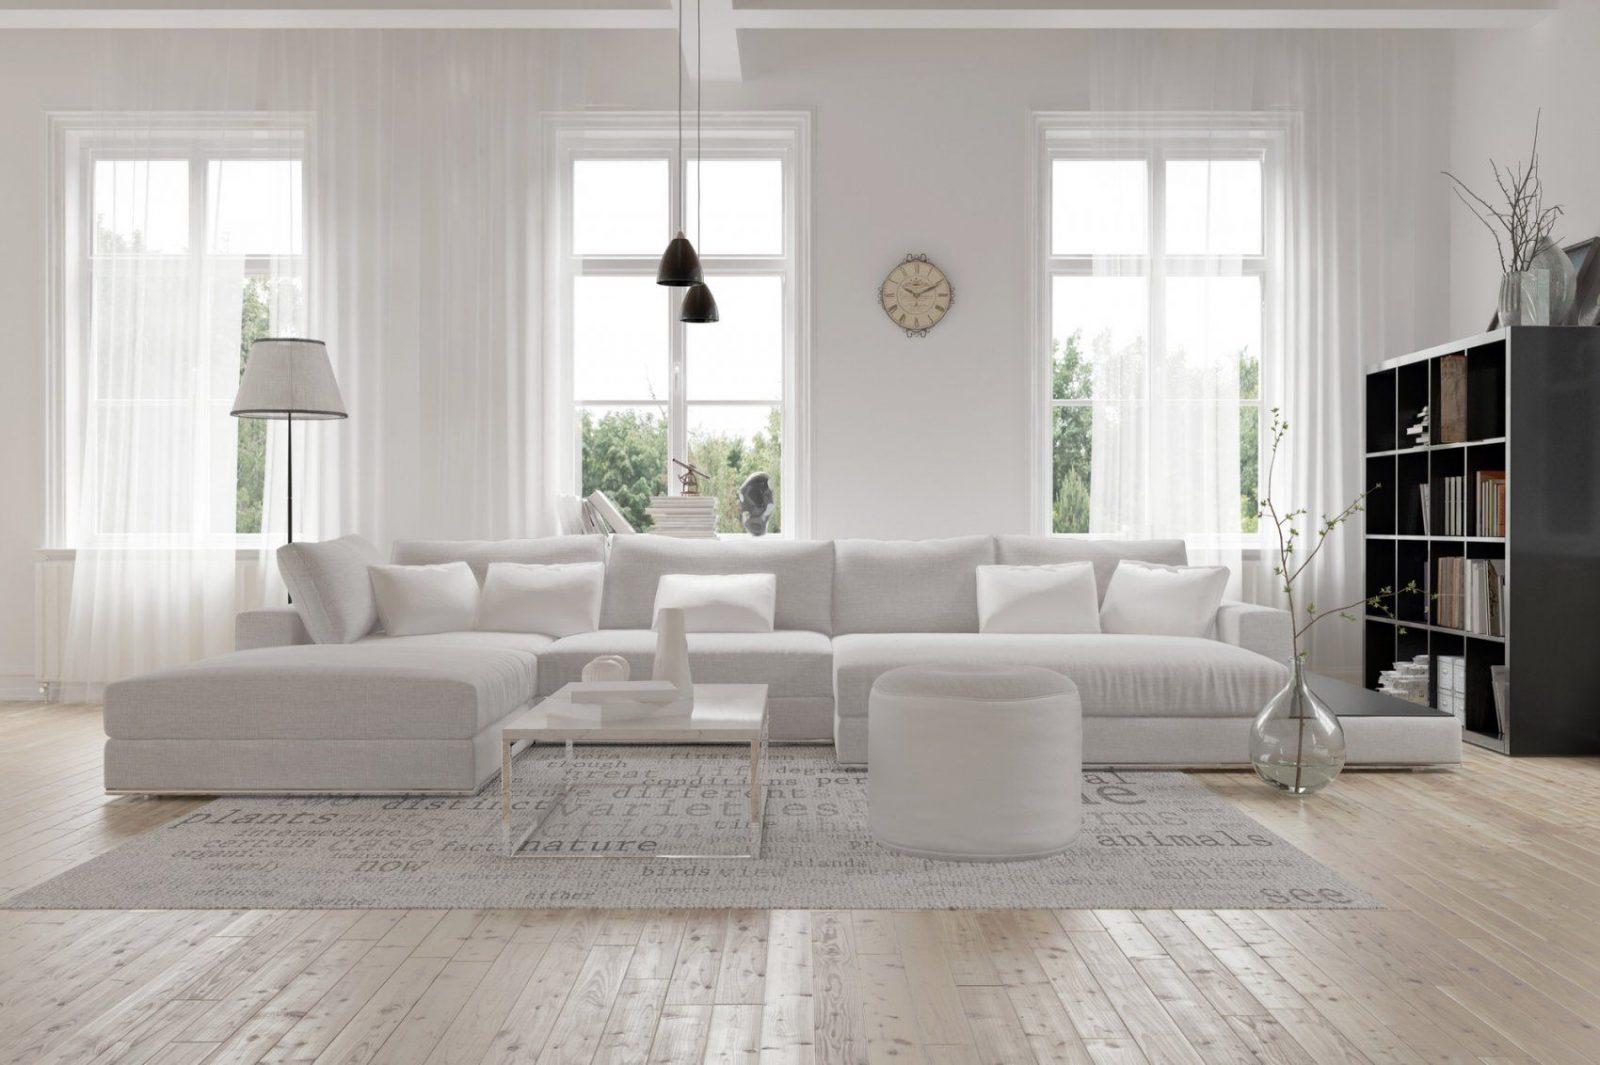 Immobilien Wohnzimmer Gestaltenn Mit Tapeten Software Farben von Wohnzimmer Gestalten Programm Kostenlos Bild